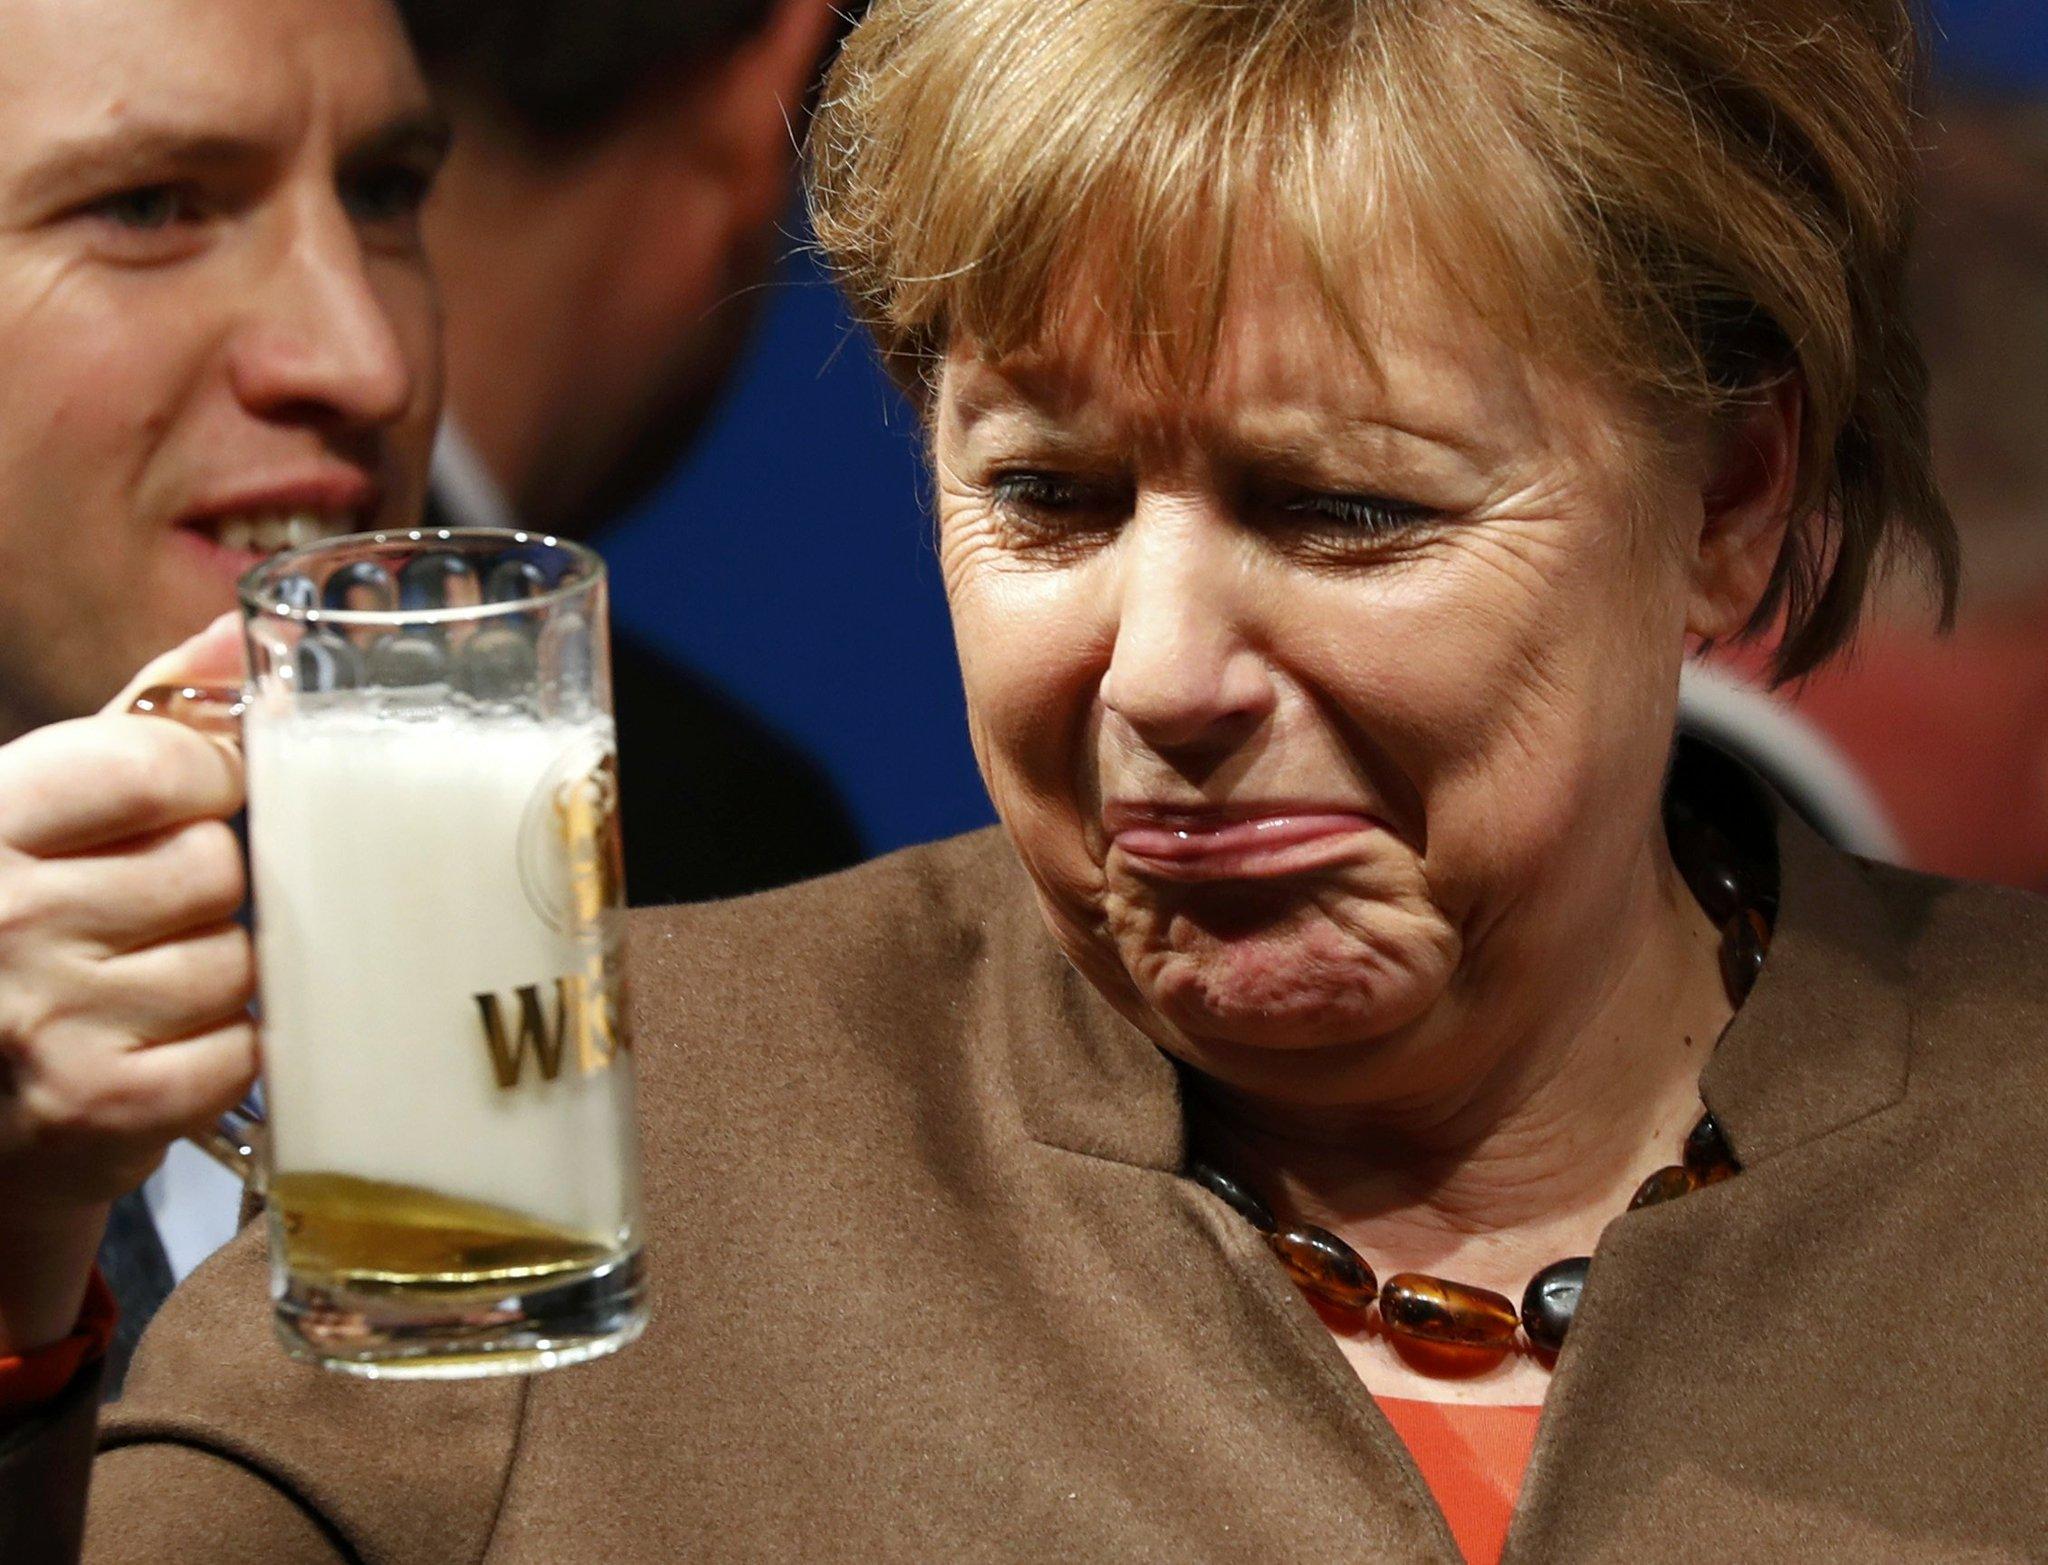 Смешные картинки пьющих пиво, картинки аву черепами